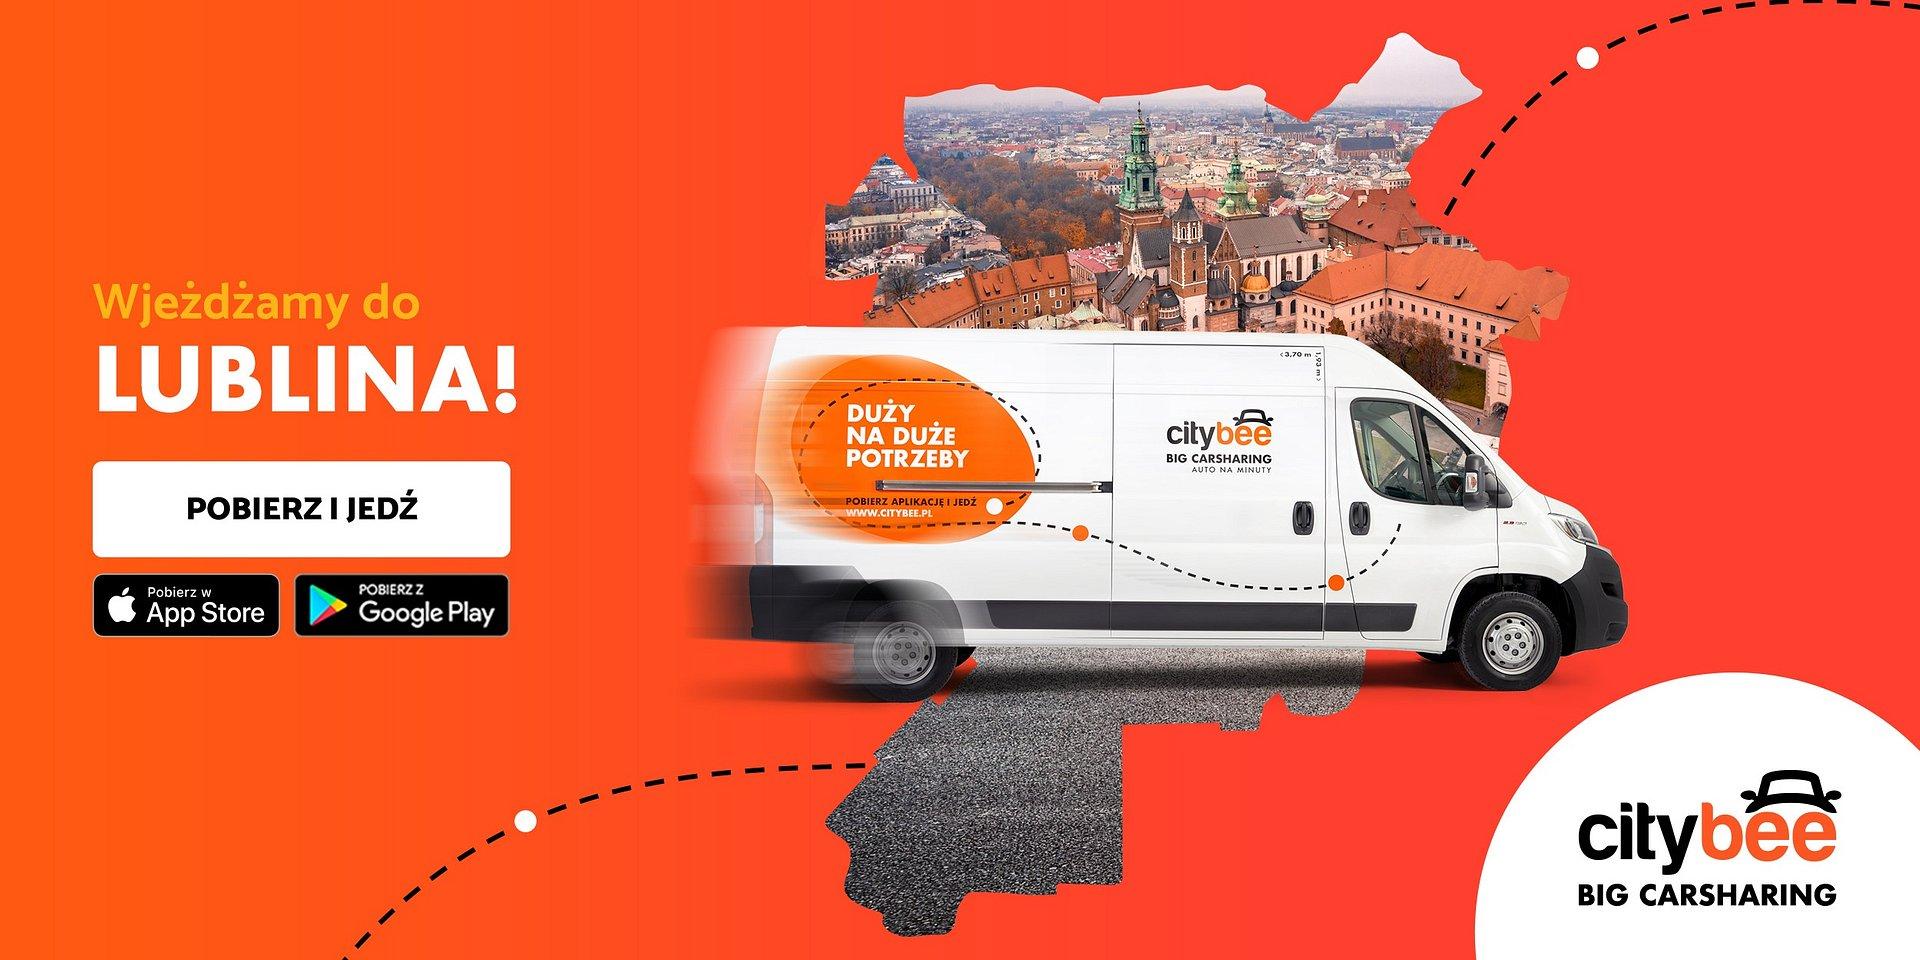 CityBee wjeżdża do Lublina! Startuje wynajem dostawczaków na minuty